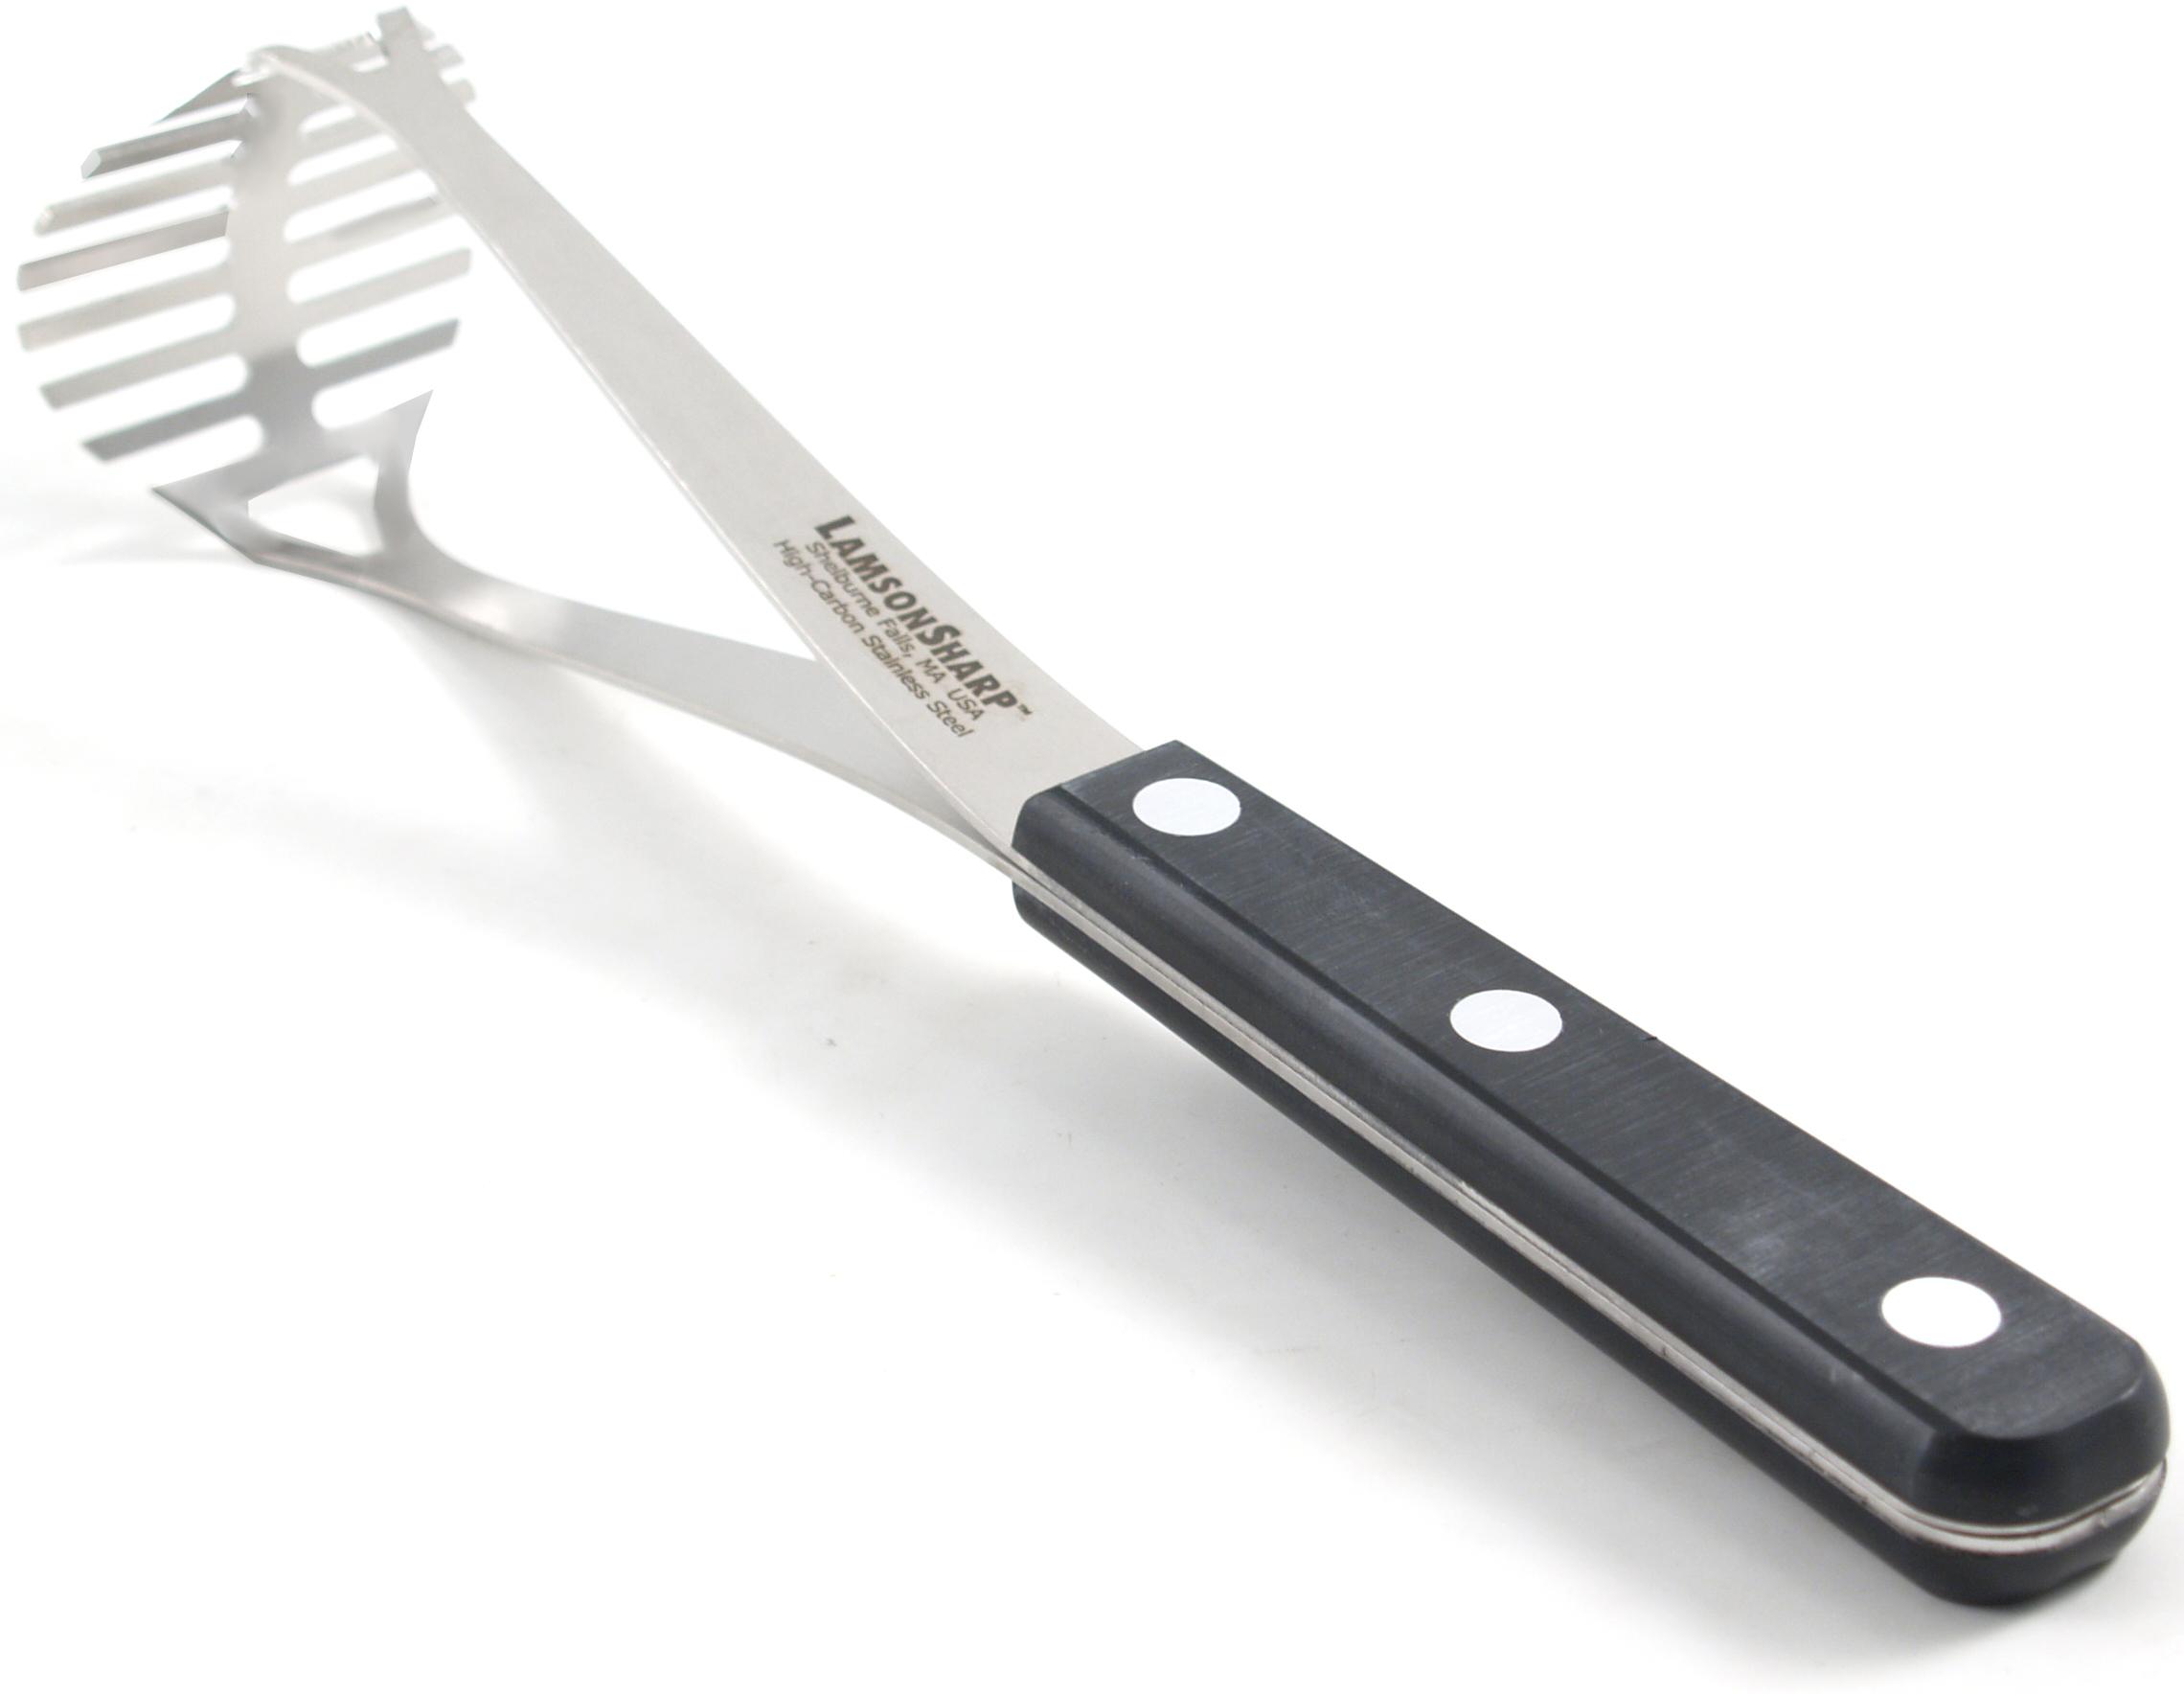 LamsonSharp Stainless Steel Mini Masher